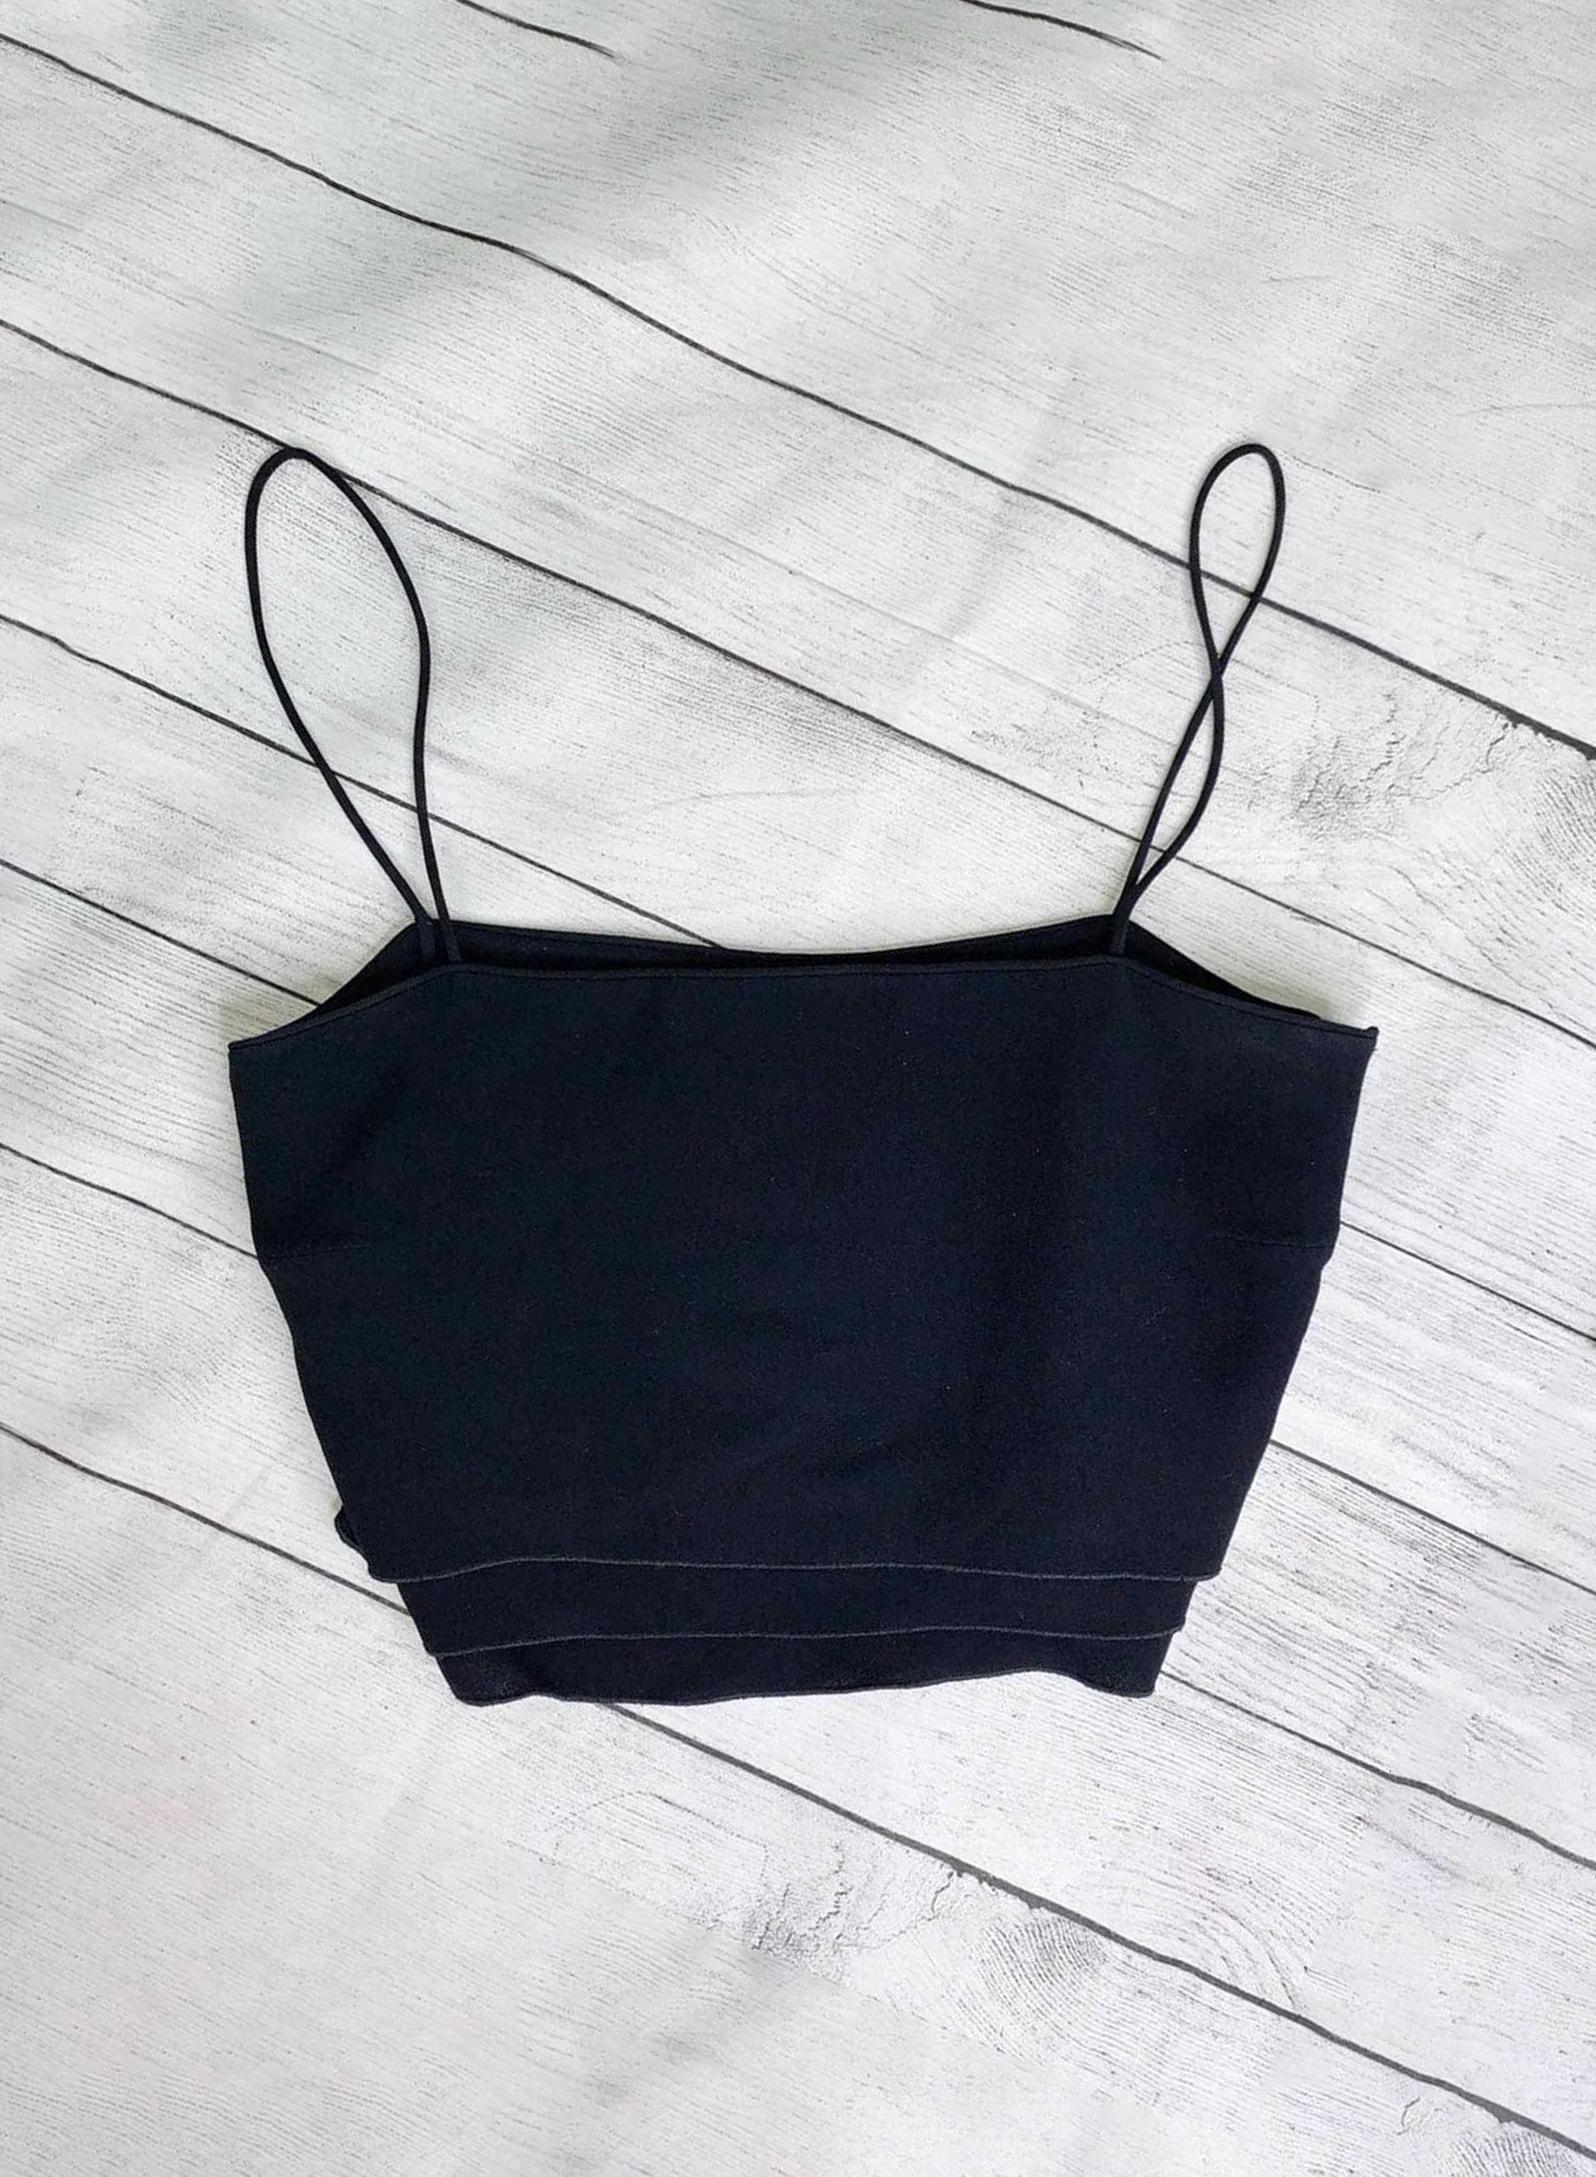 Giorgio Armani Vestimenta Spa Vintage Black Label Silk Crop Top Cami EU 40 Med